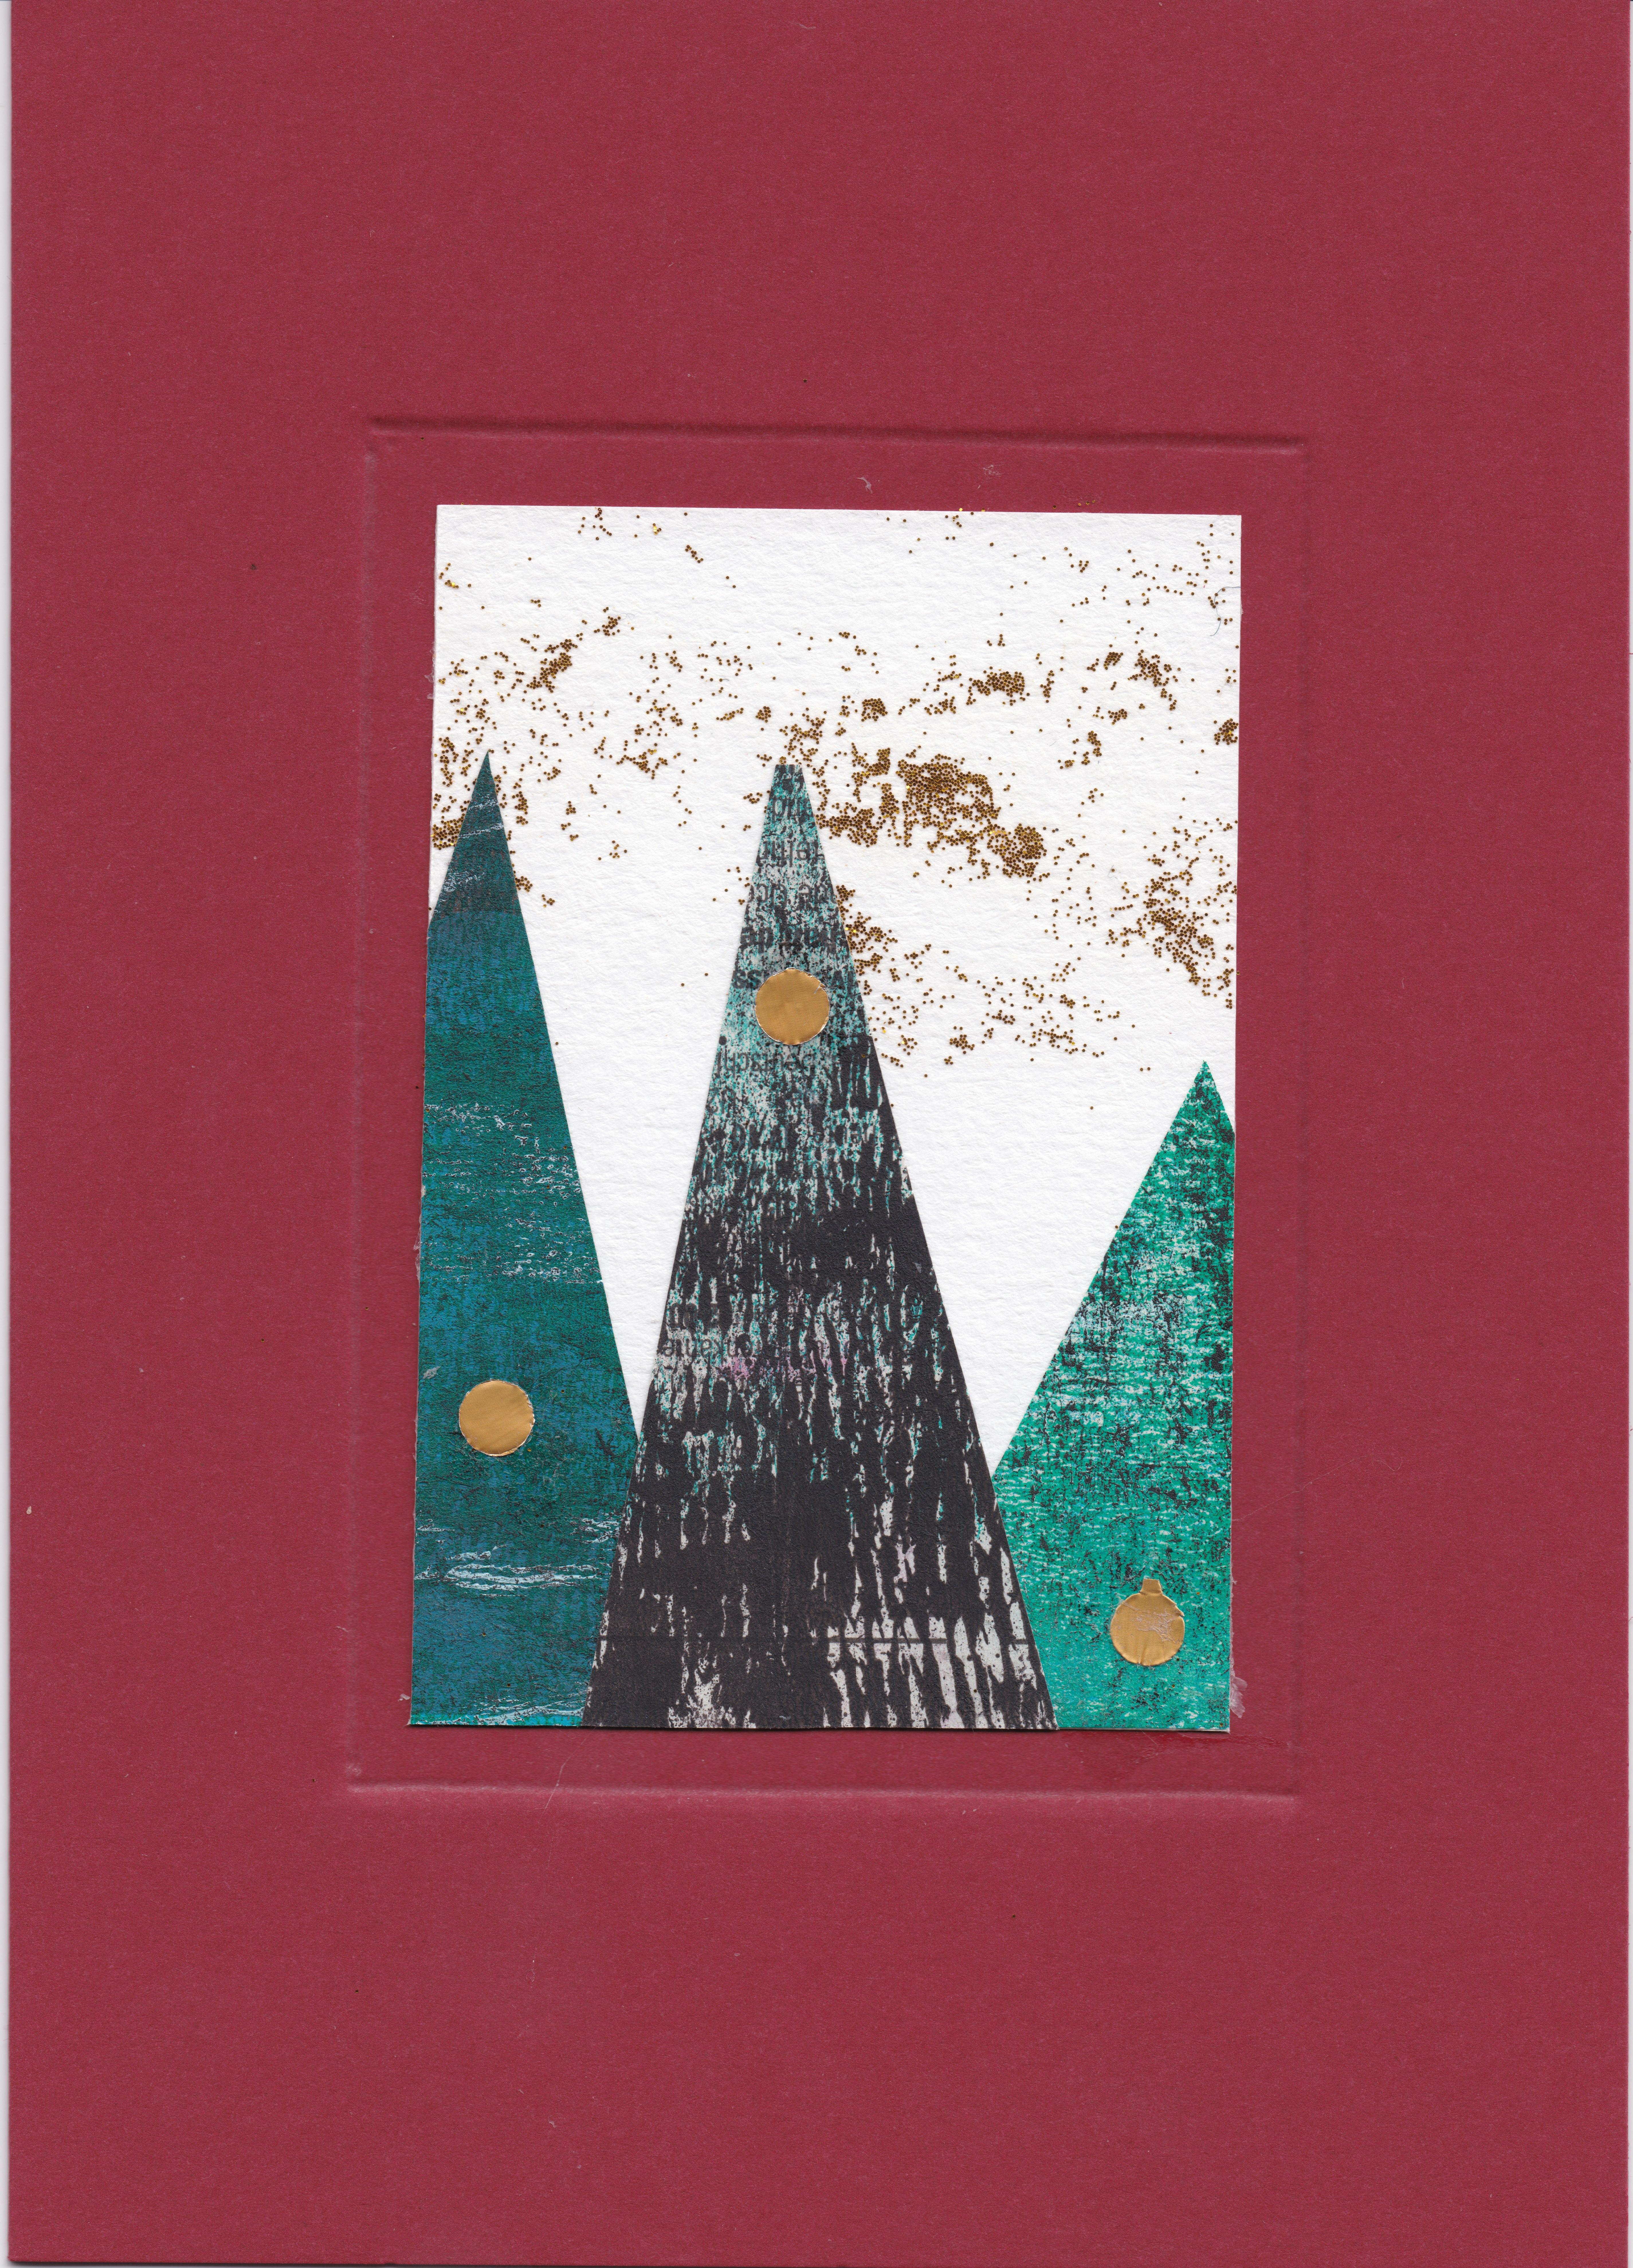 Bild - Weihnachtskarte 2019 - Rot